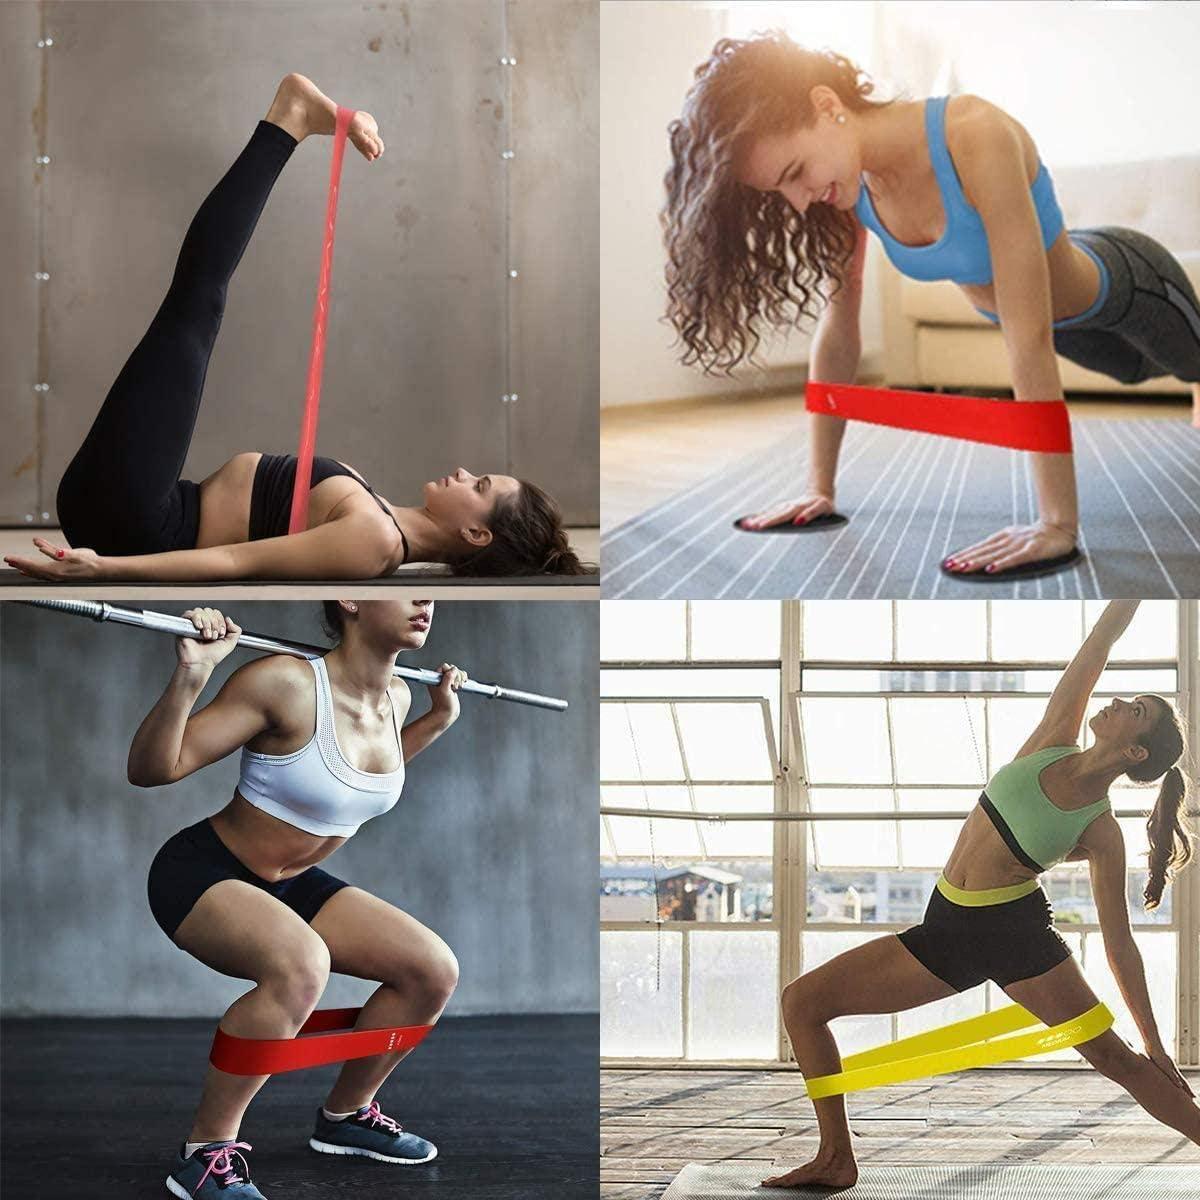 Musculation Pilates Fitness /Équipement dExercices pour la Kin/ésith/érapie Namgiy 5pcs Bandes /Élastiques de R/ésistance Yoga